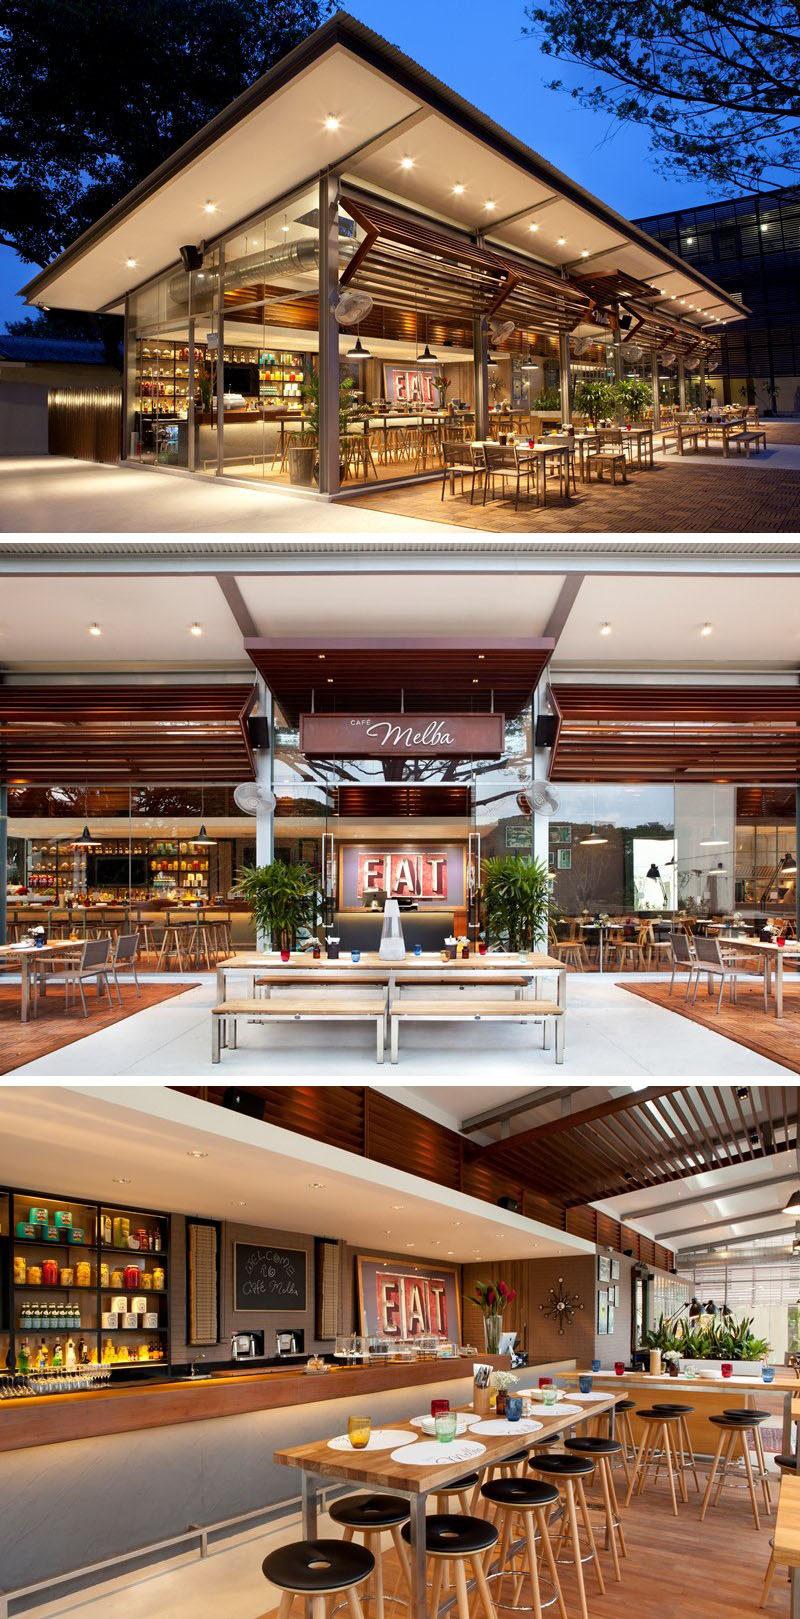 10 cửa hàng cà phê độc đáo ở châu Á / Lấy cảm hứng từ lối sống dễ dàng của người Úc, thiết kế dba đã thiết kế Cafe Melba tại Trung tâm Nghệ thuật Goodman ở Singapore để có cảm giác tinh tế và thanh lịch, thoải mái và thoải mái.